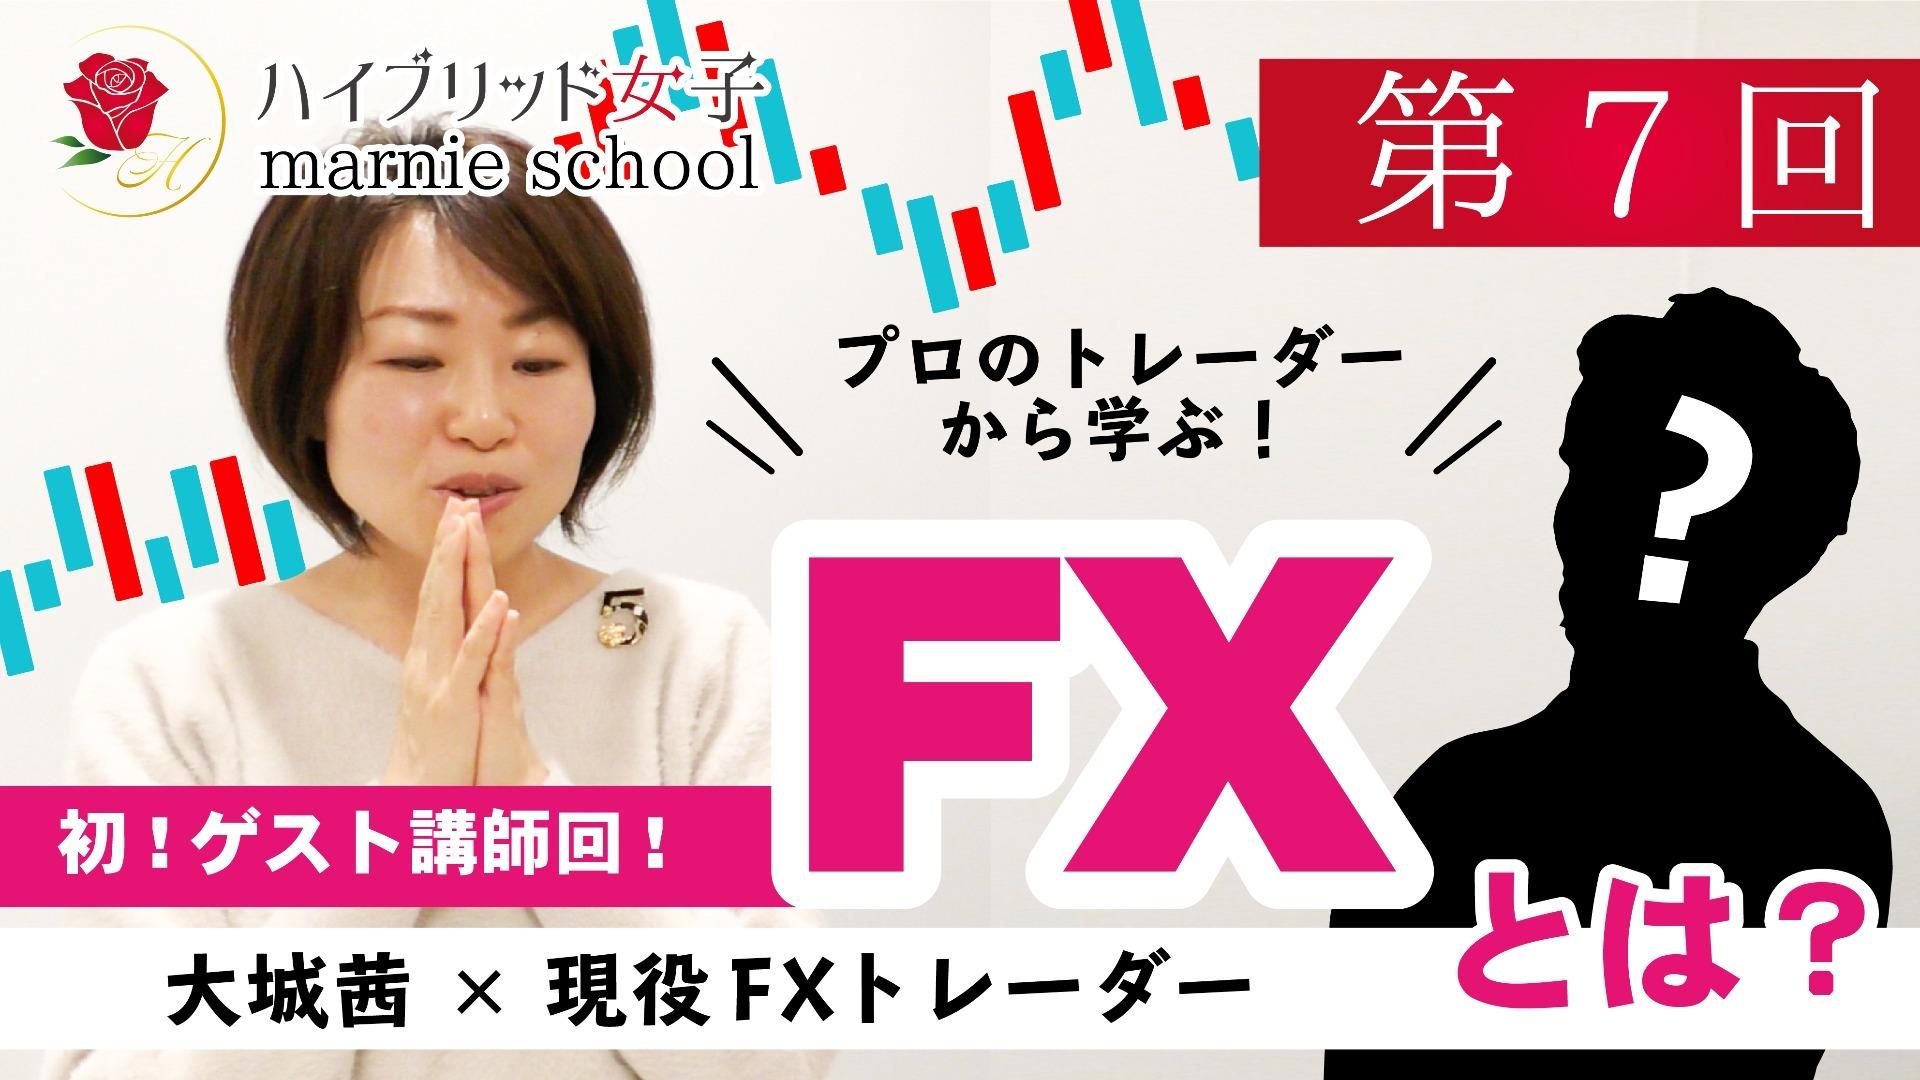 【中級編】Marnie school 第7回